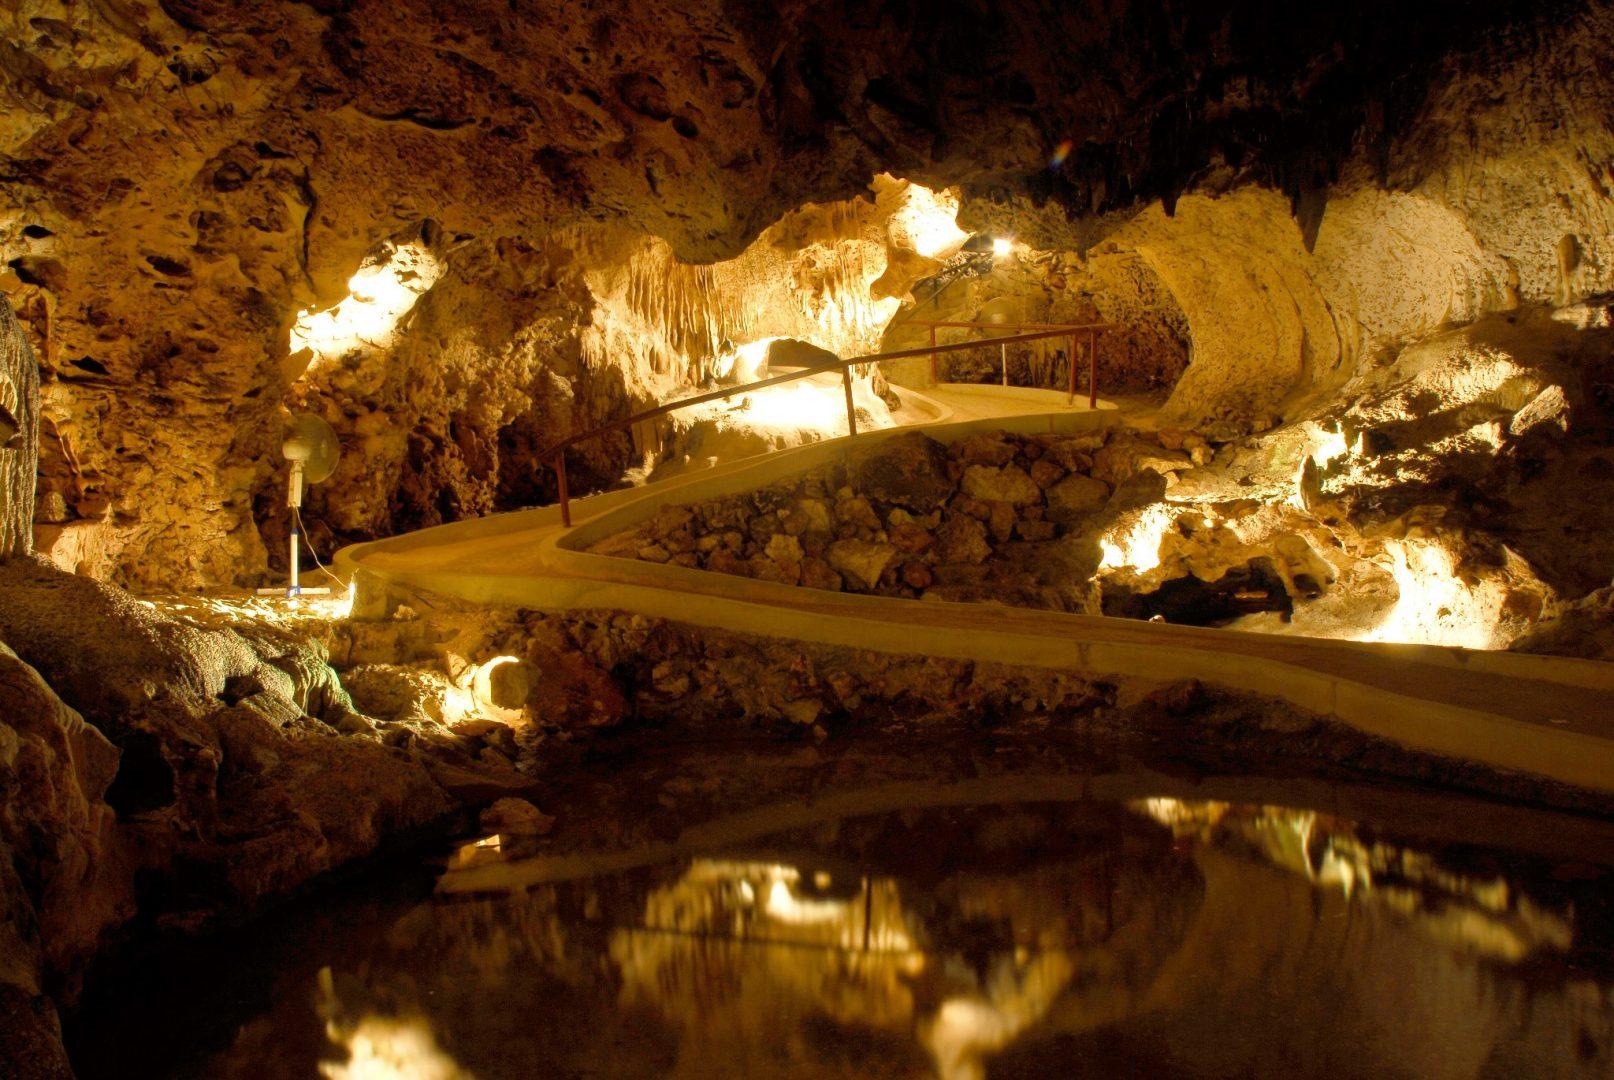 Hato Caves, Curaçao